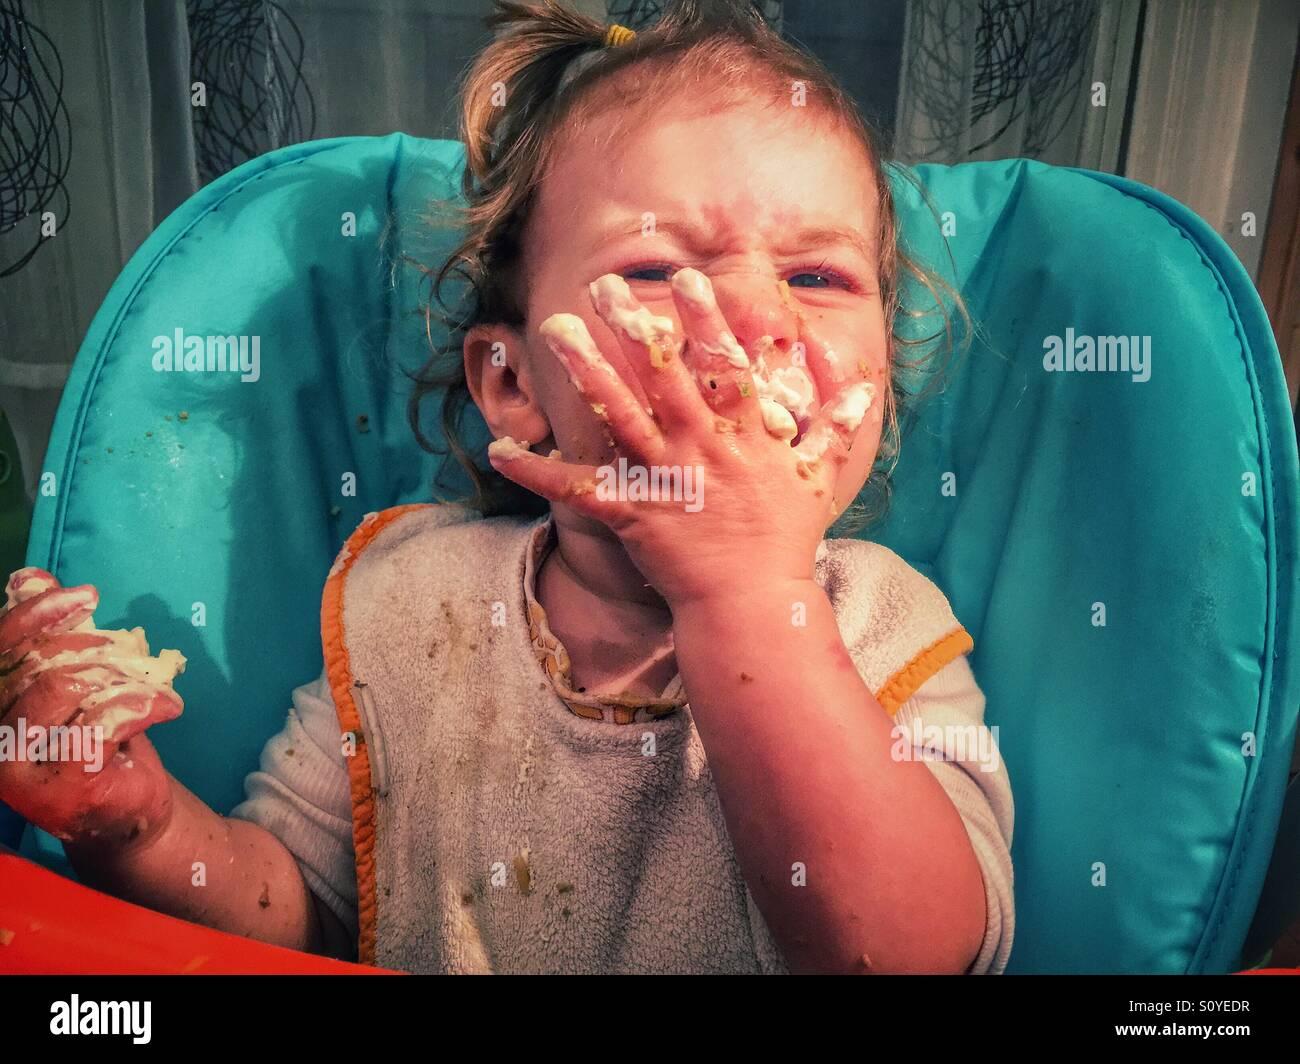 Baby mangiare faccia sporchi Immagini Stock